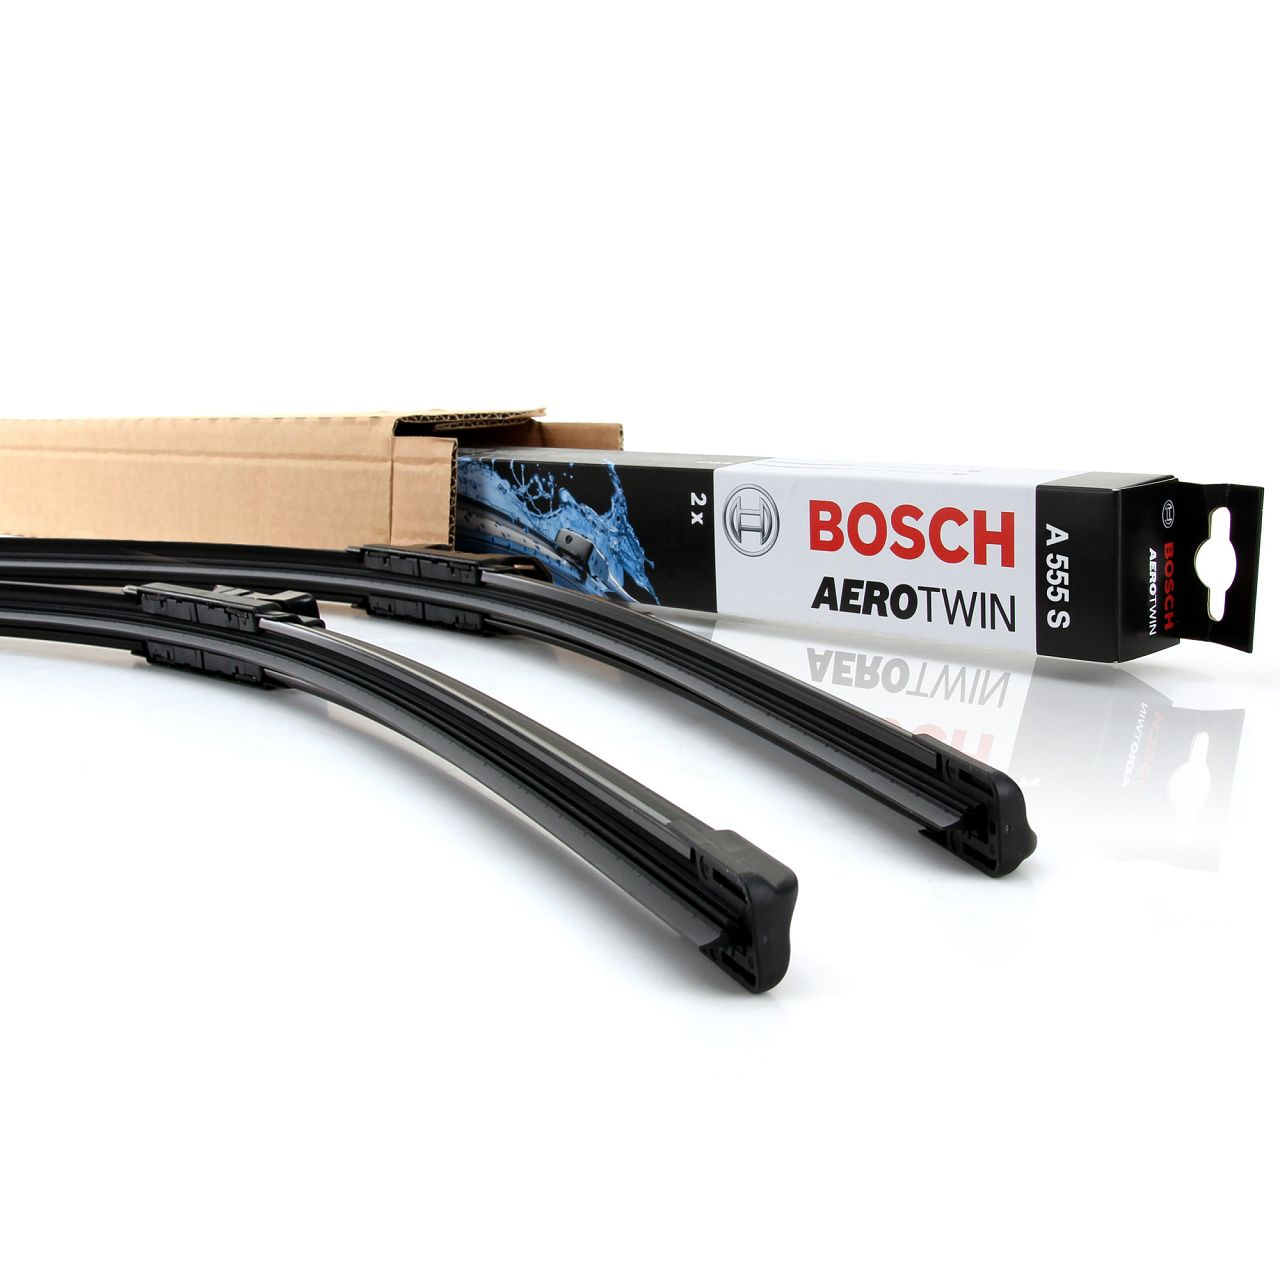 BOSCH AEROTWIN A555S Scheibenwischer Wischerblätter für AUDI A1 VW POLO 6R UP